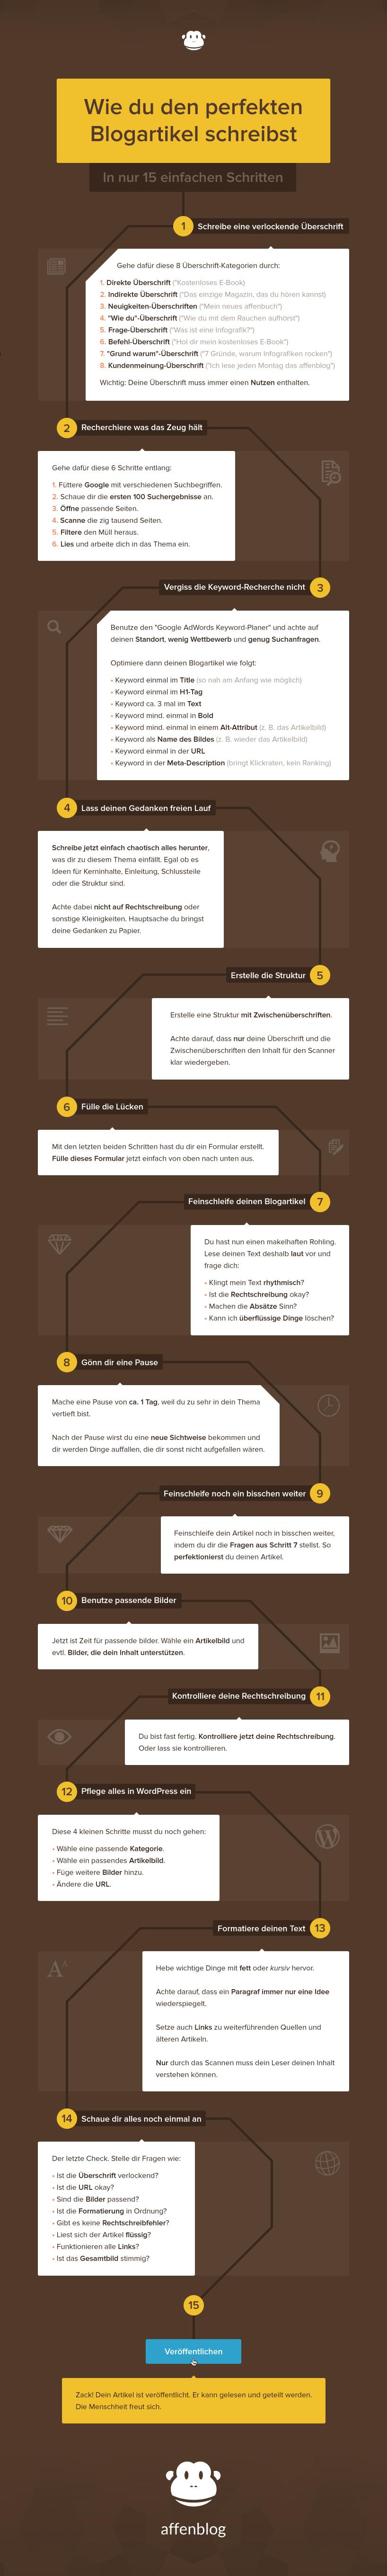 blogartikel-schreiben-infografik